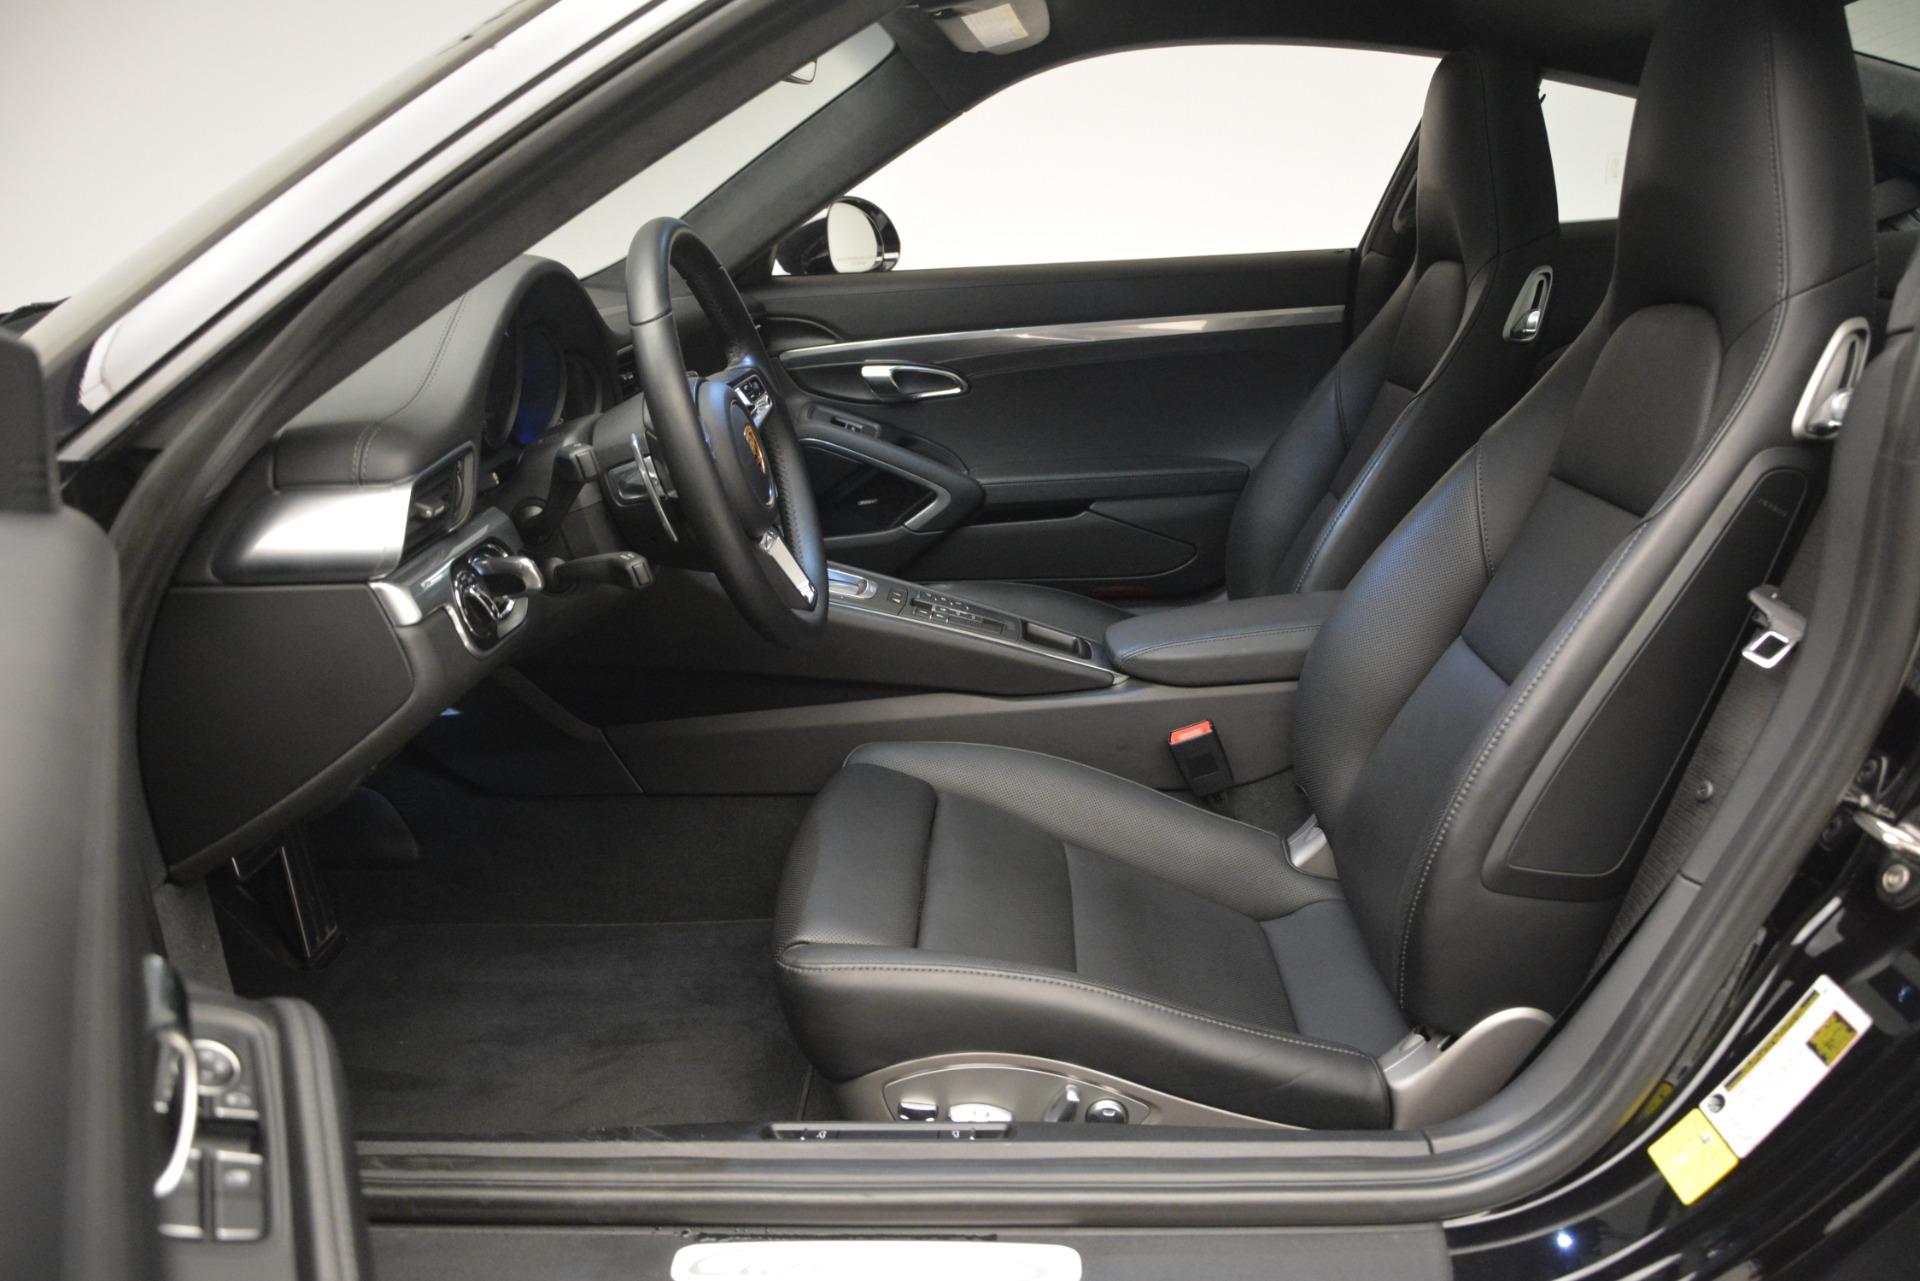 Used 2017 Porsche 911 Carrera 4S For Sale In Westport, CT 2887_p15